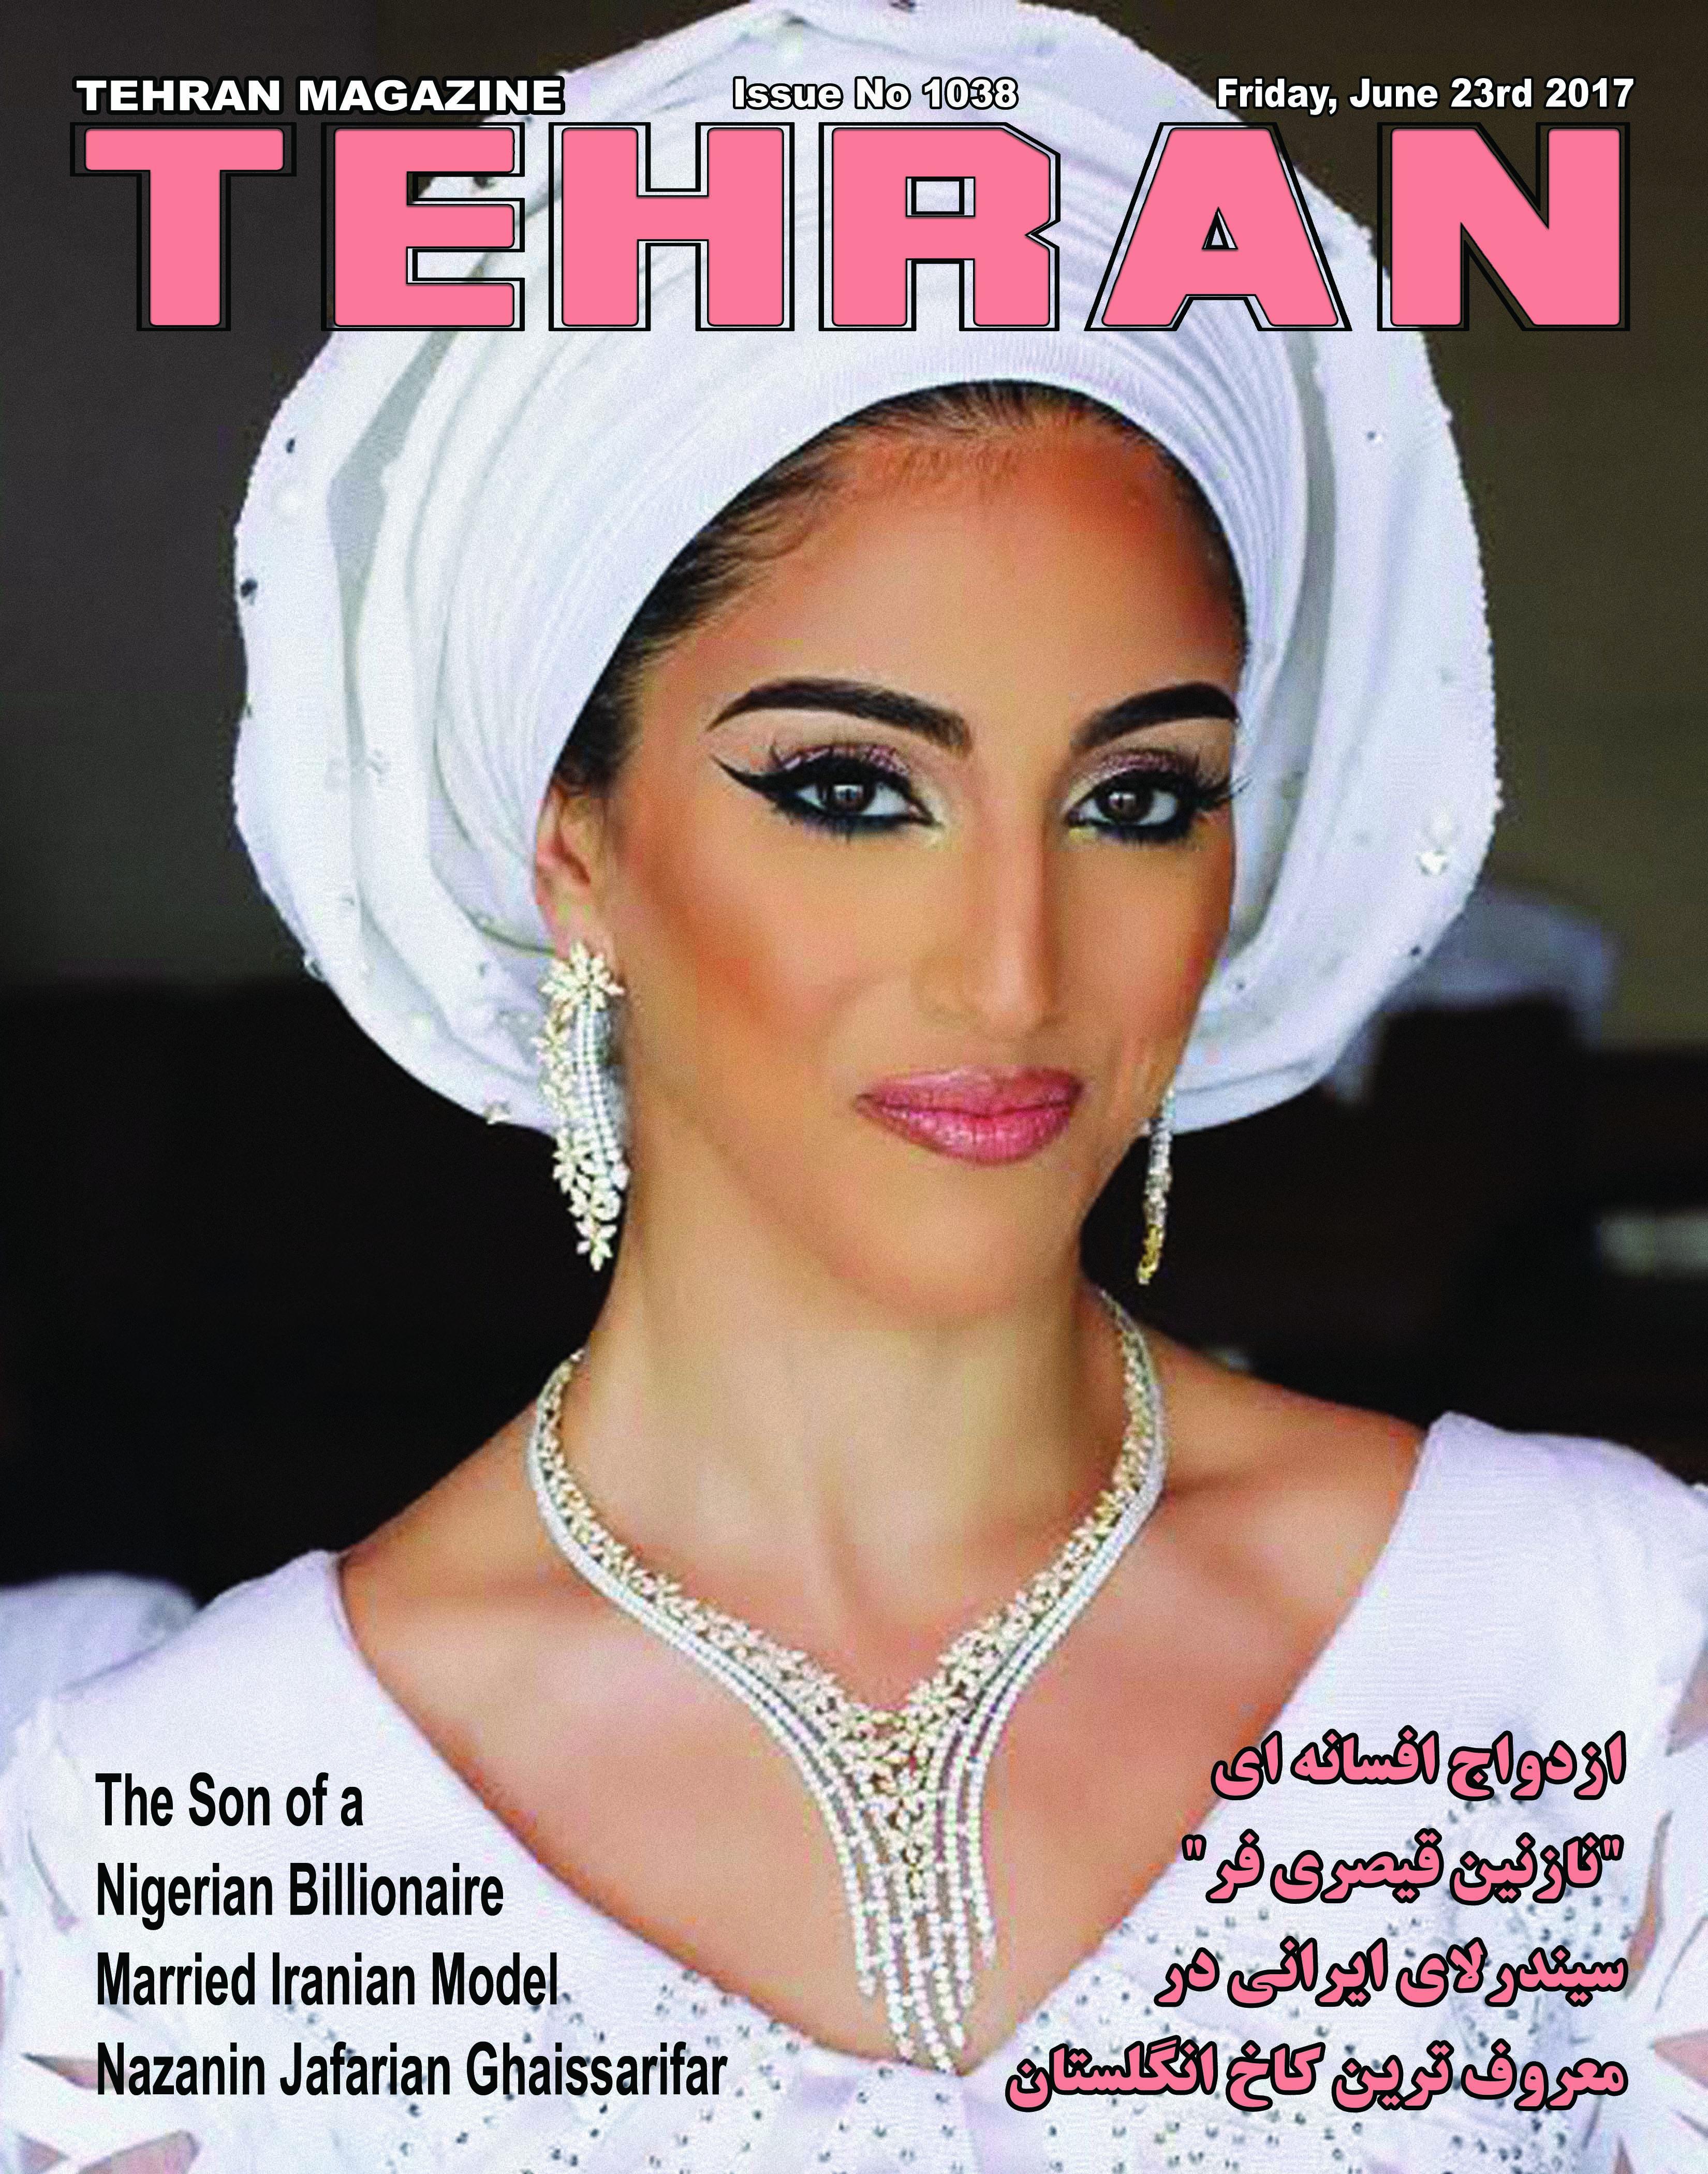 Nazanin -Jafarian- Ghaissarifar-shahbod-noori